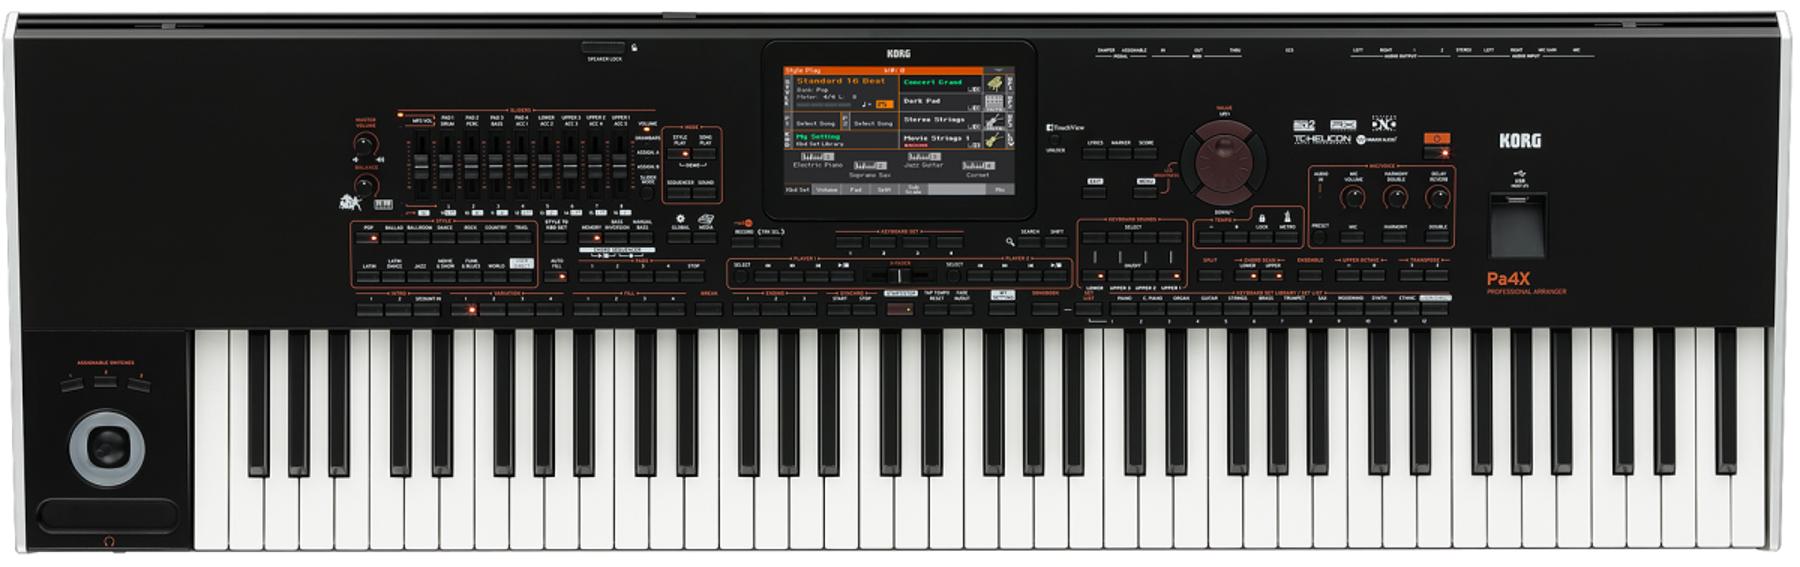 Korg Pa4X 76-Key Professional Arranger Keyboard PA4X76